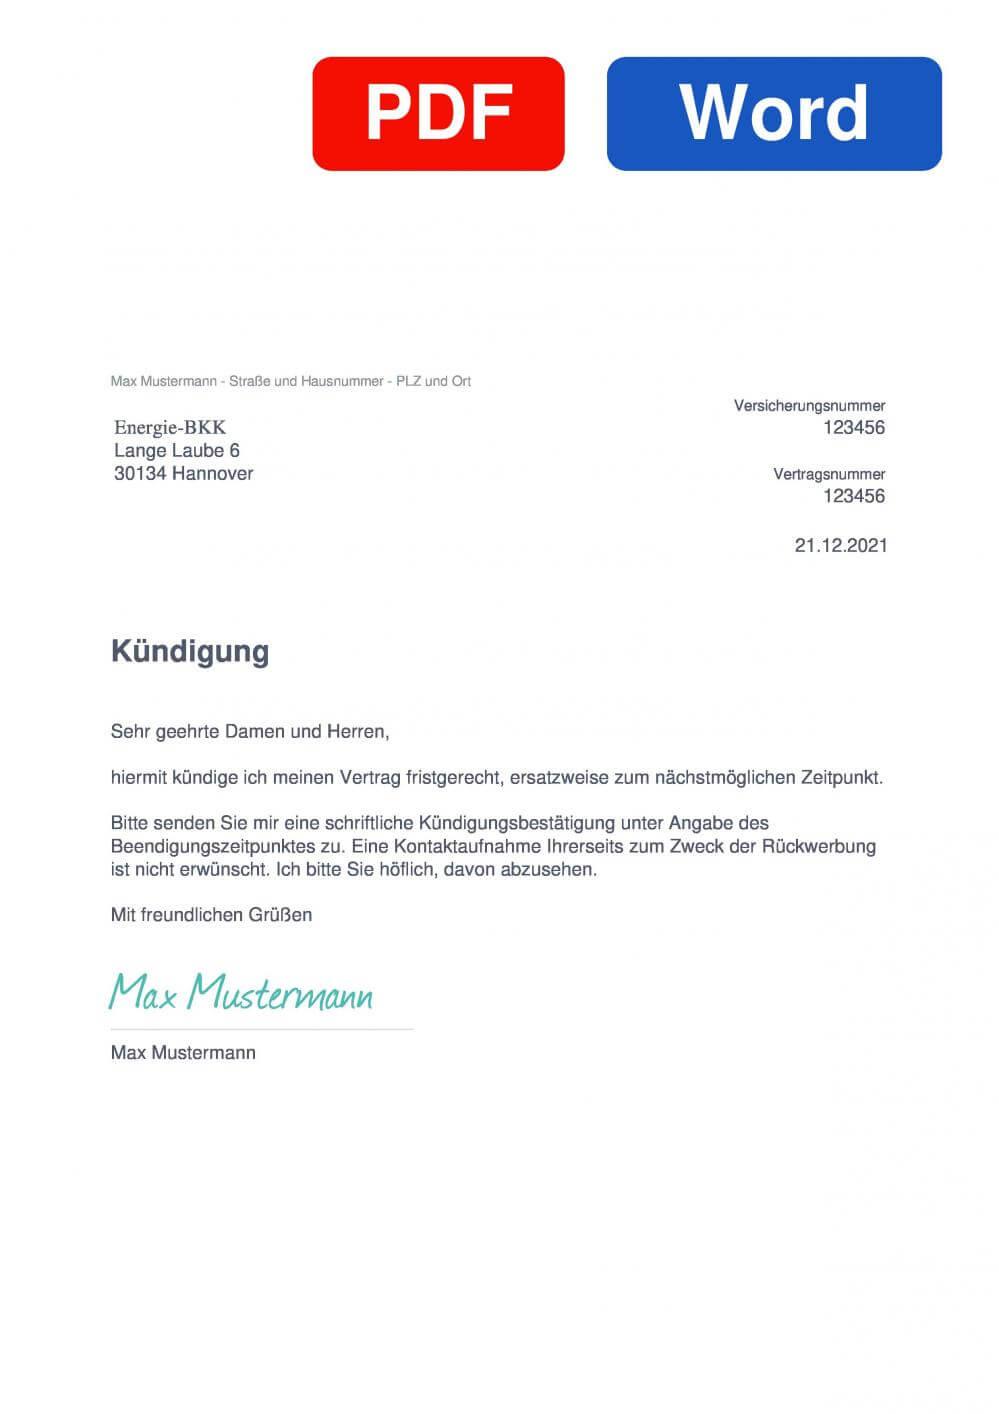 Energie BKK Muster Vorlage für Kündigungsschreiben